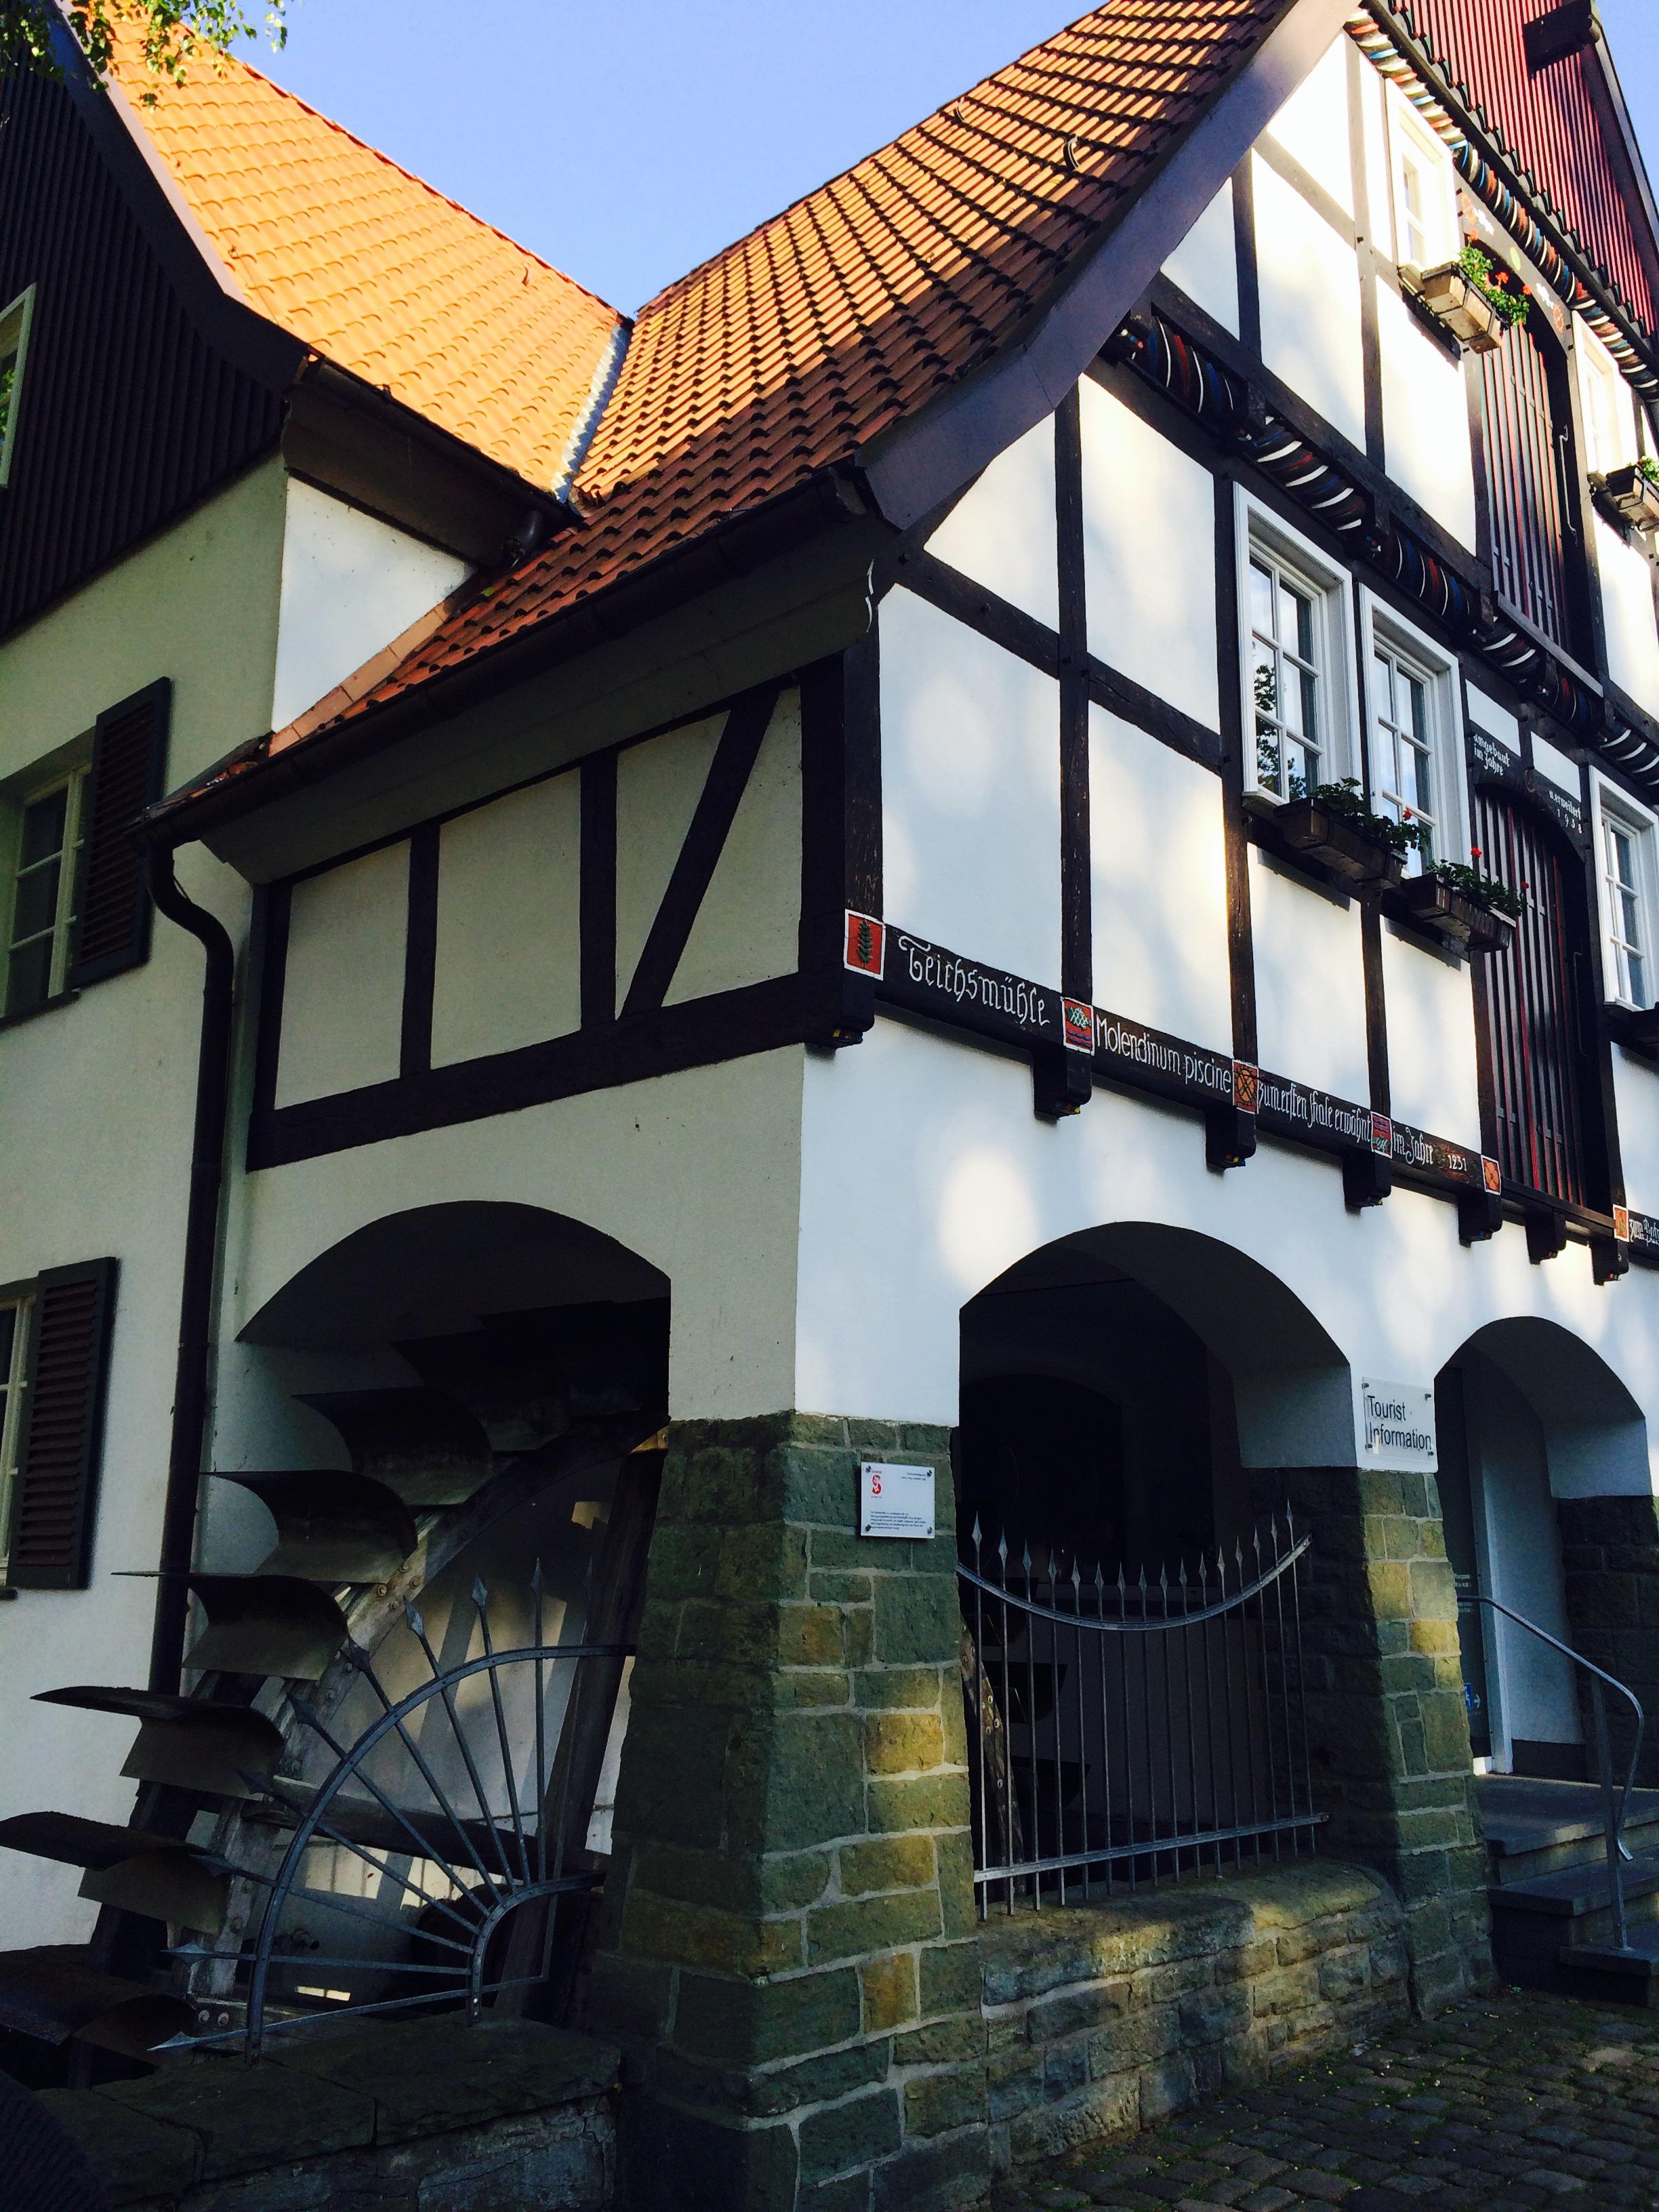 Fachwerkhaus mit Mühlenrad in der Altstadt von Soest